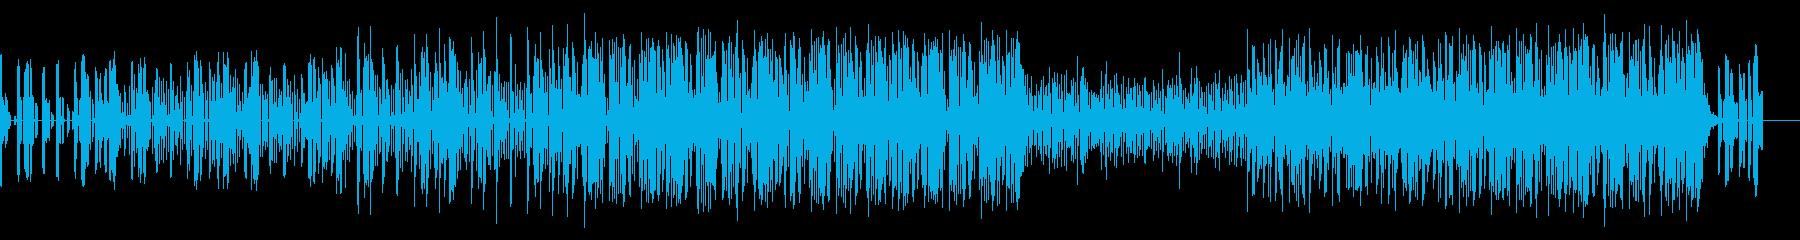 少しの不穏さを覗かせるアンビエント曲の再生済みの波形